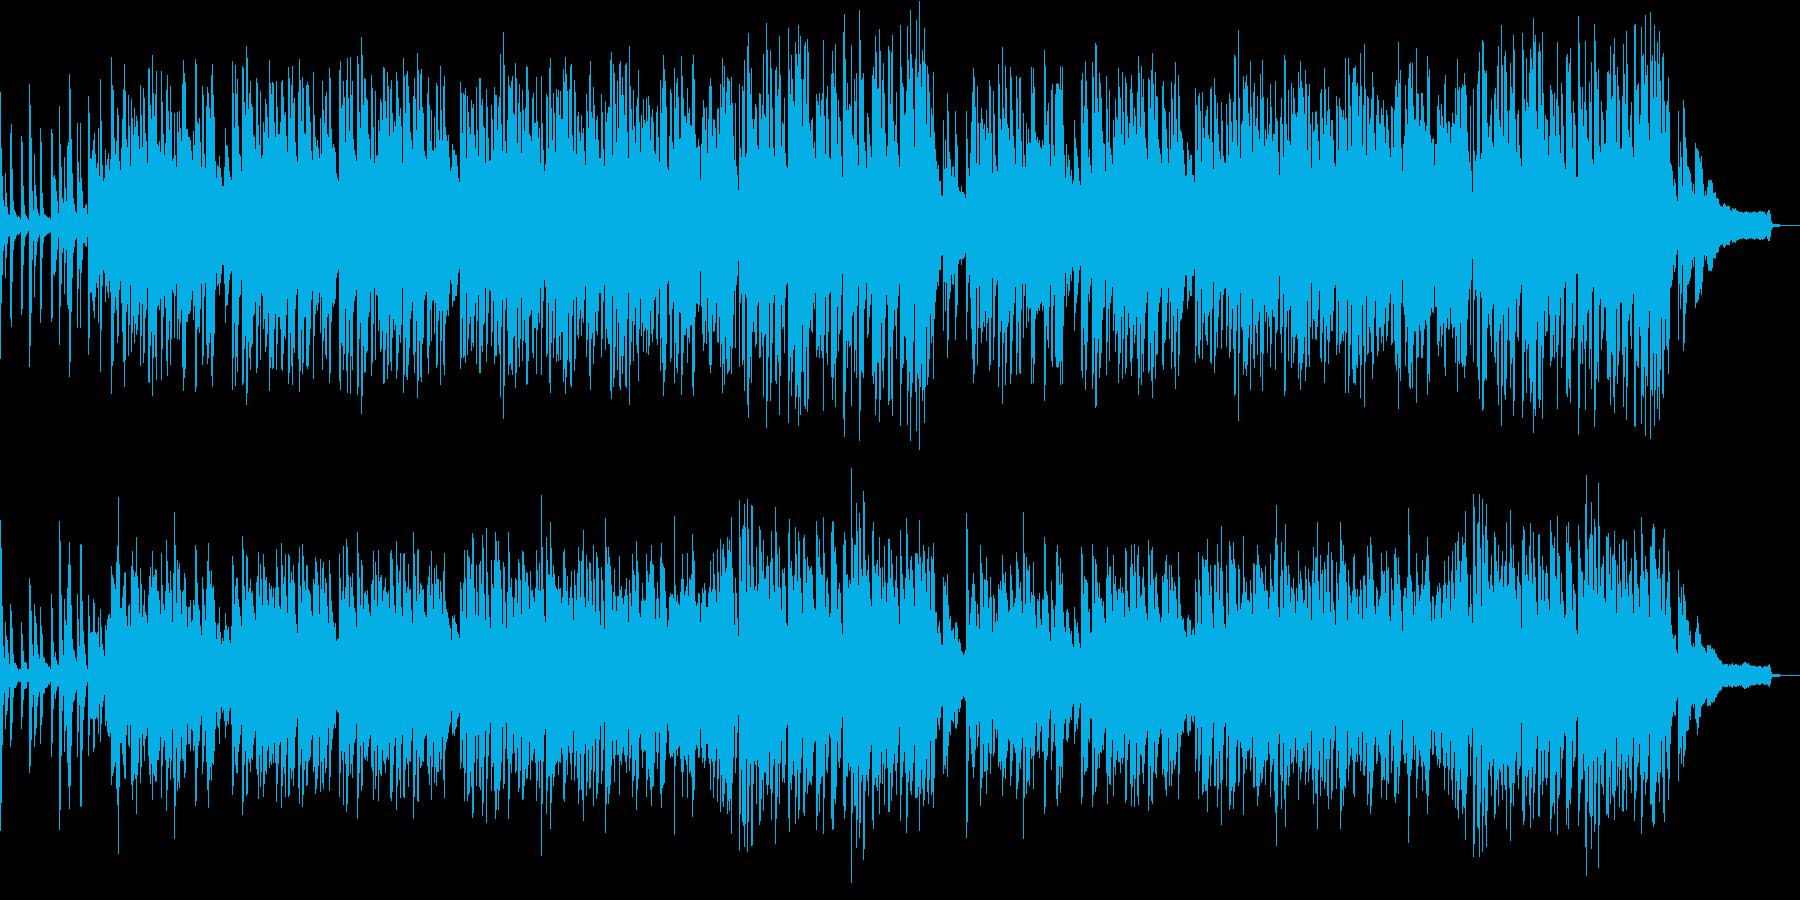 ポップなピアノ曲 の再生済みの波形